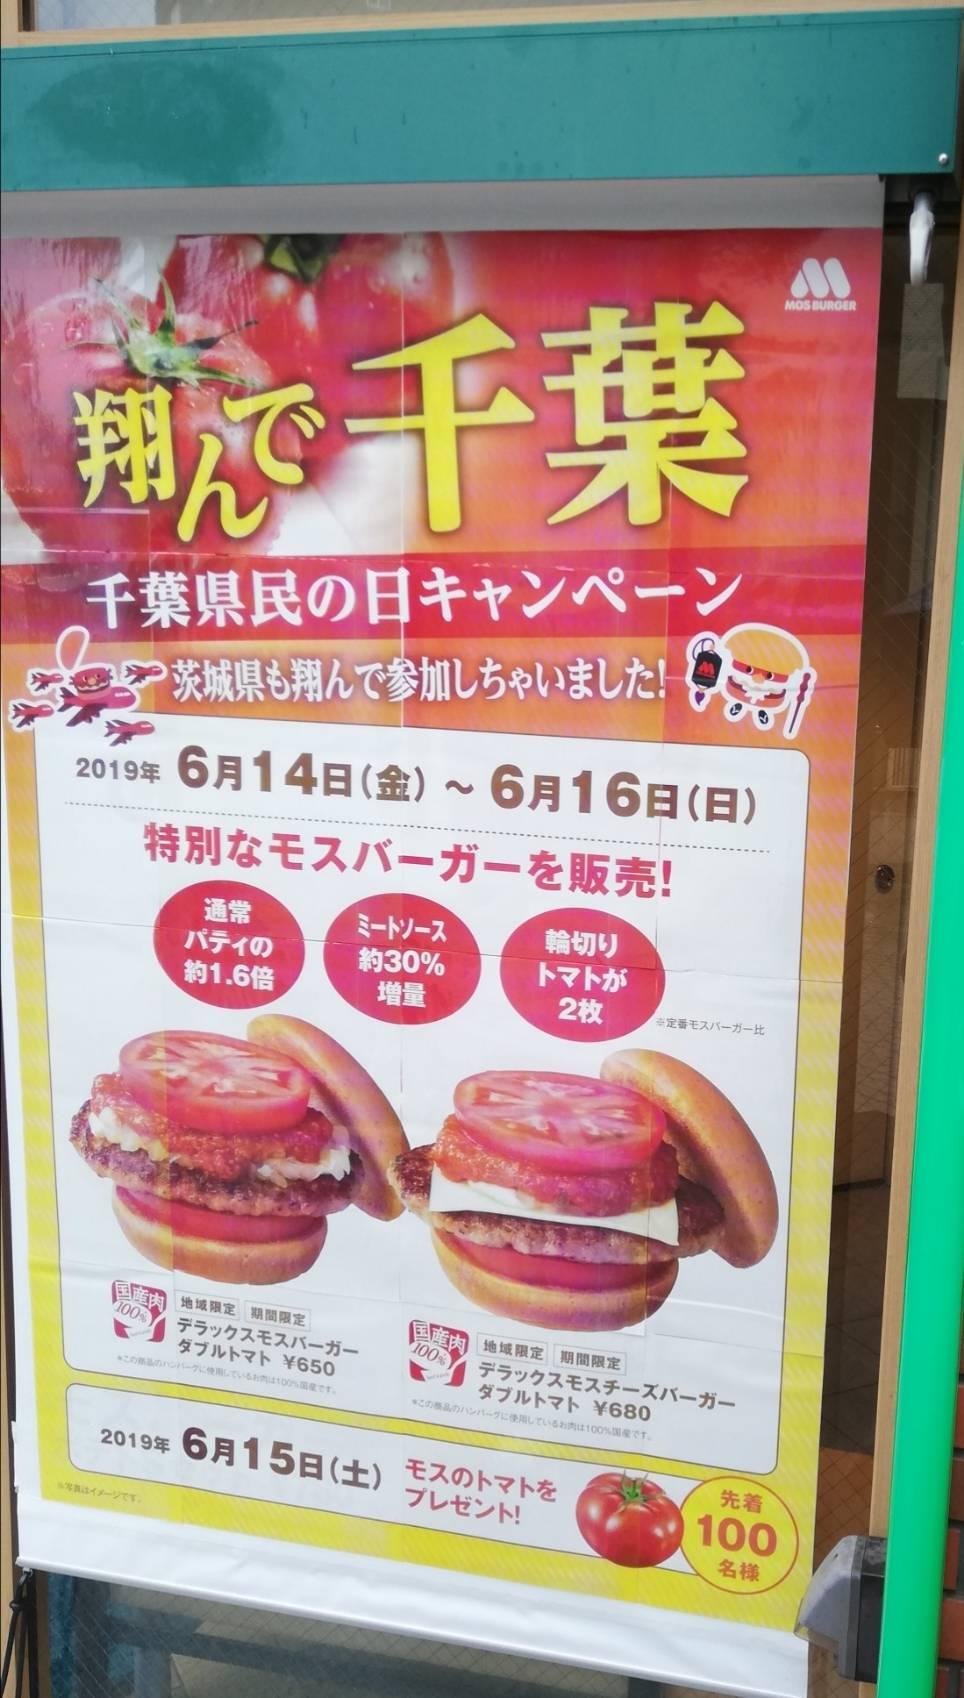 モスバーガー千葉県民の日松戸店